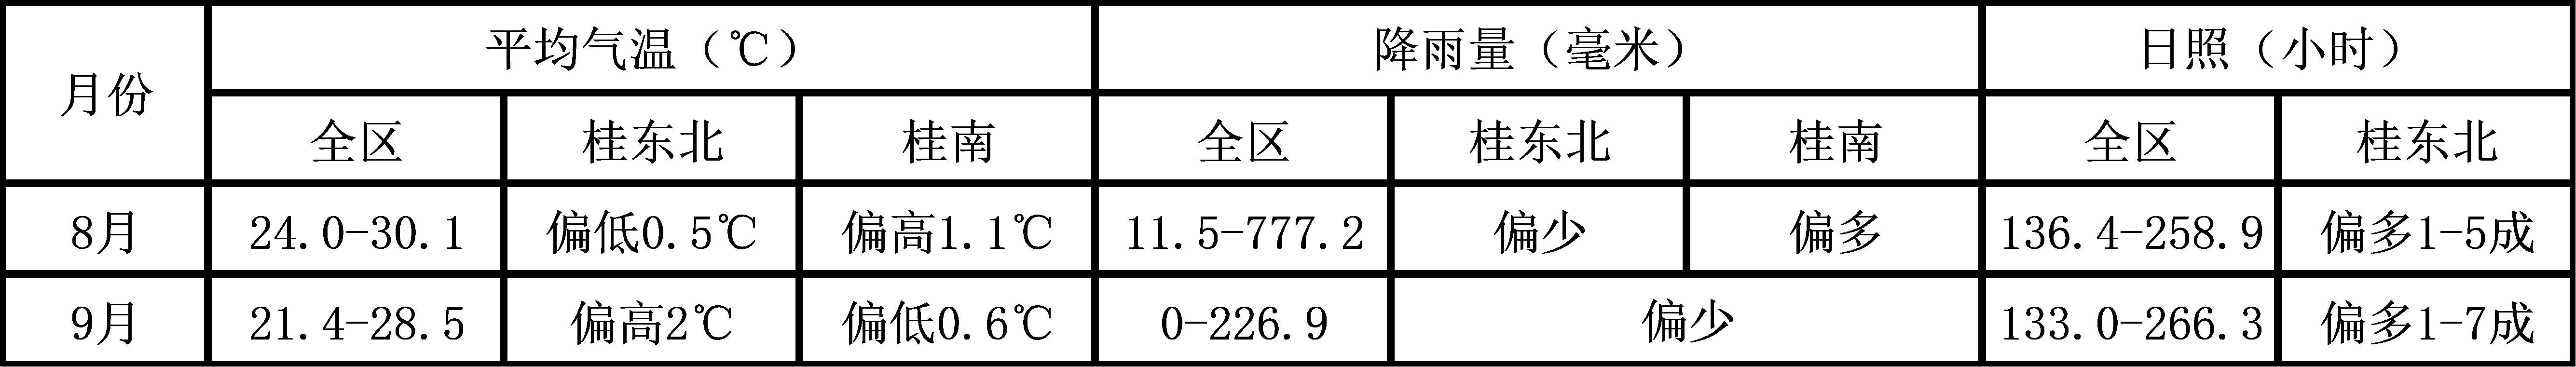 崇左市的江州区糖料位于南亚热带 广西崇